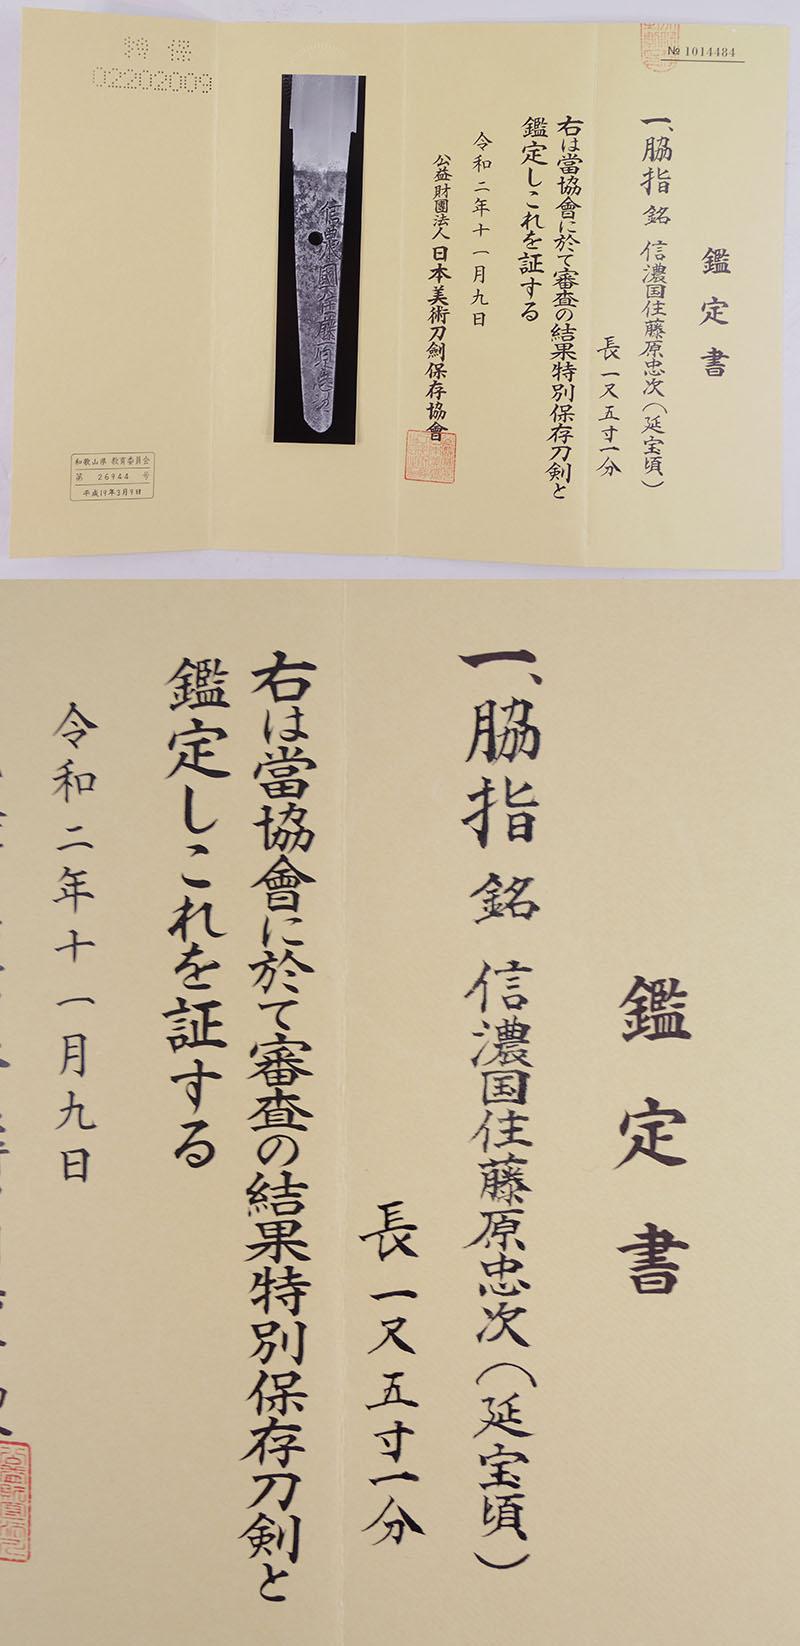 脇差 信濃国住藤原忠次(延宝頃) (千歳丸忠次) Picture of Certificate